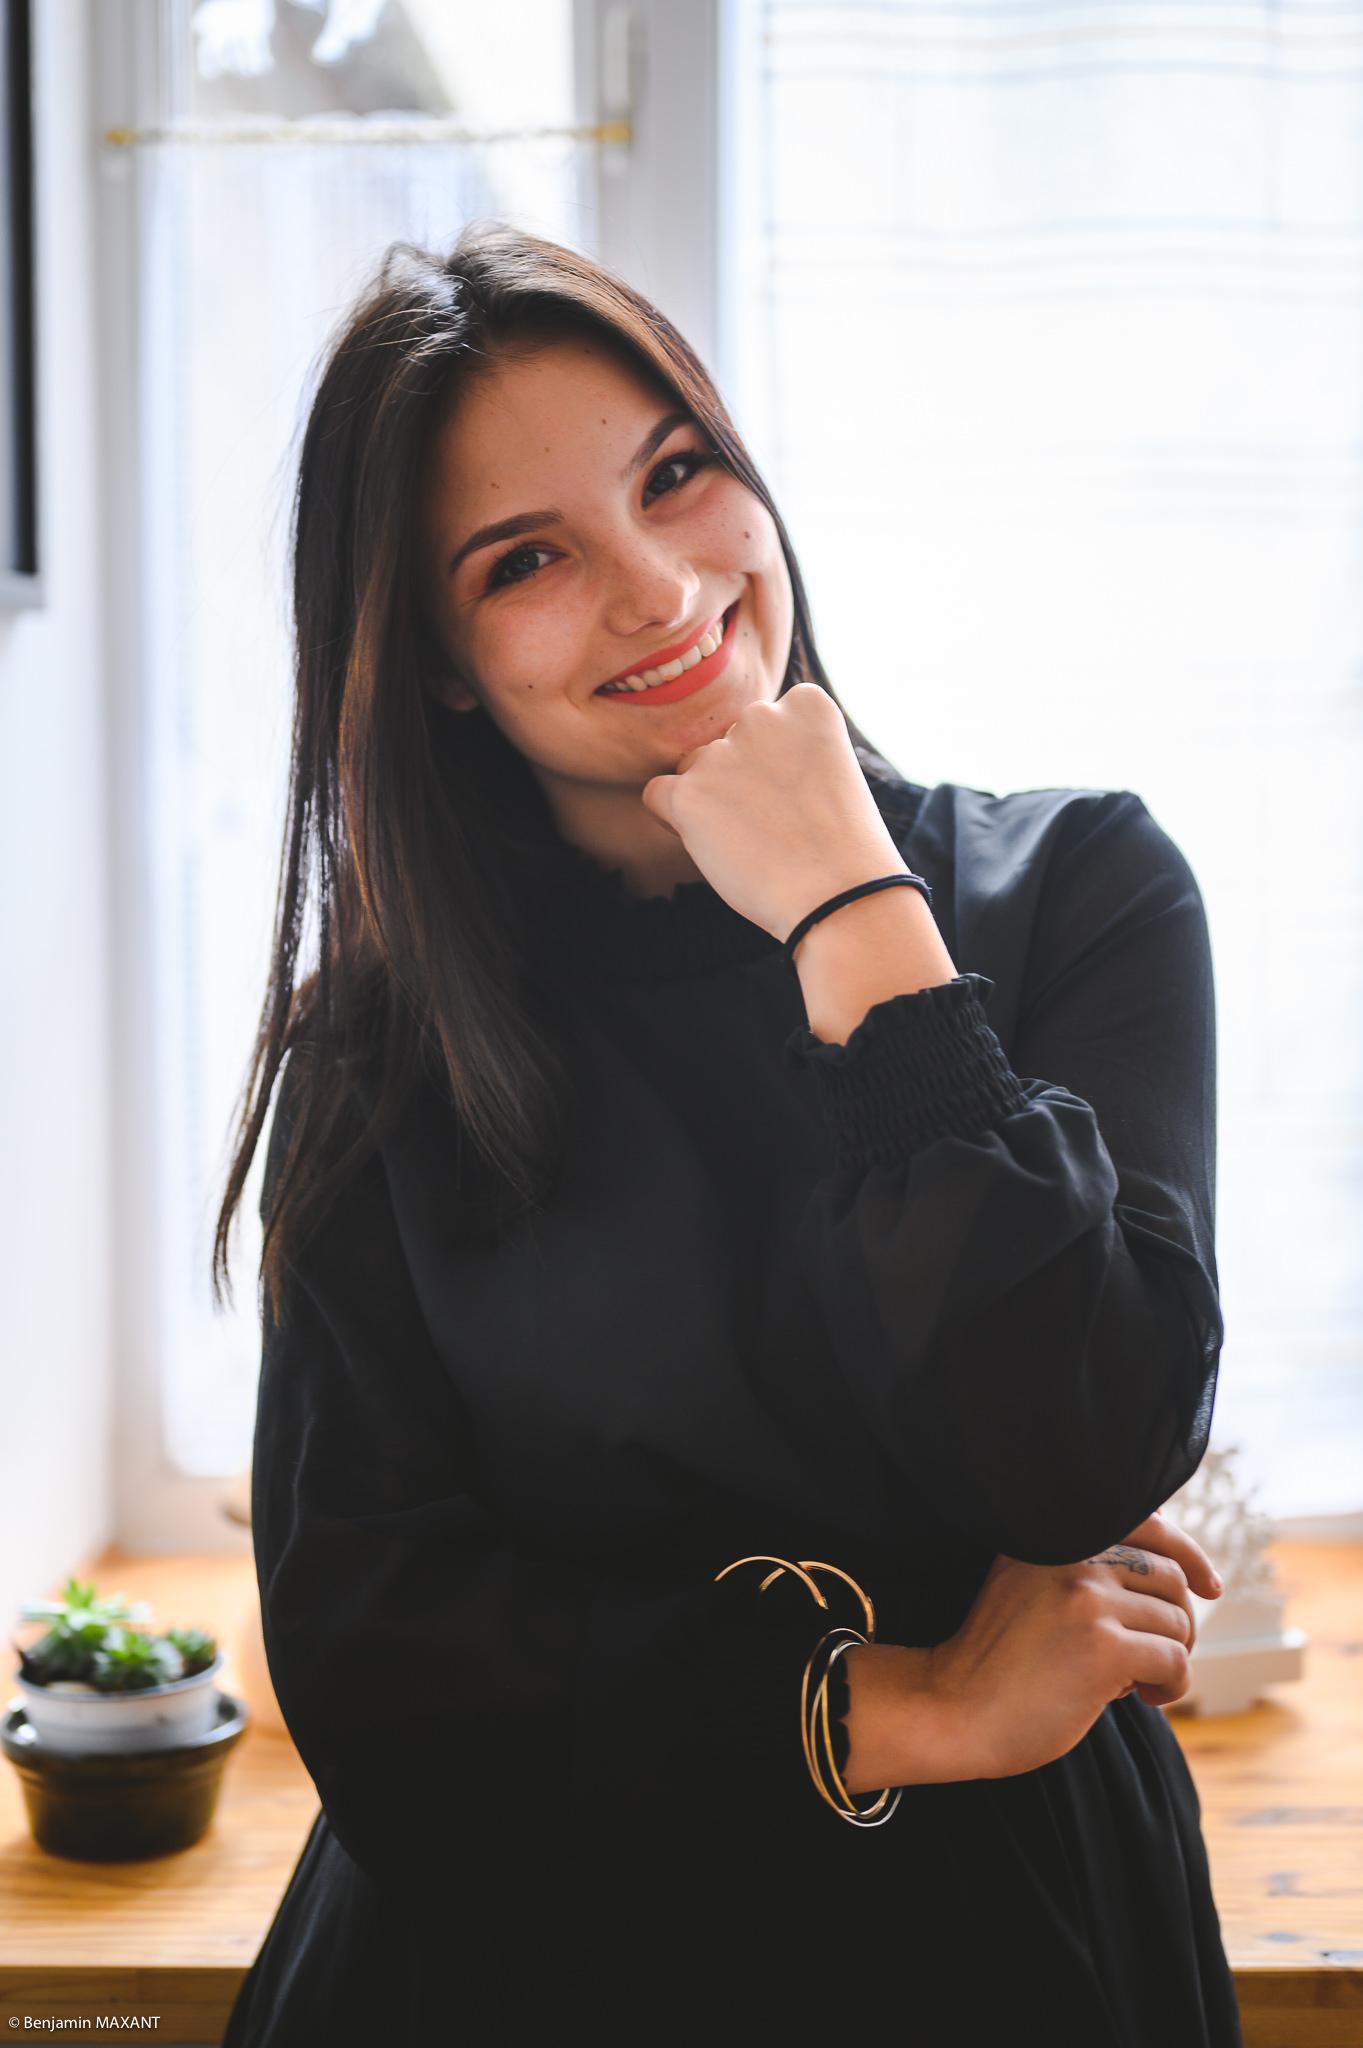 Séance photo boudoir robe noire sourire